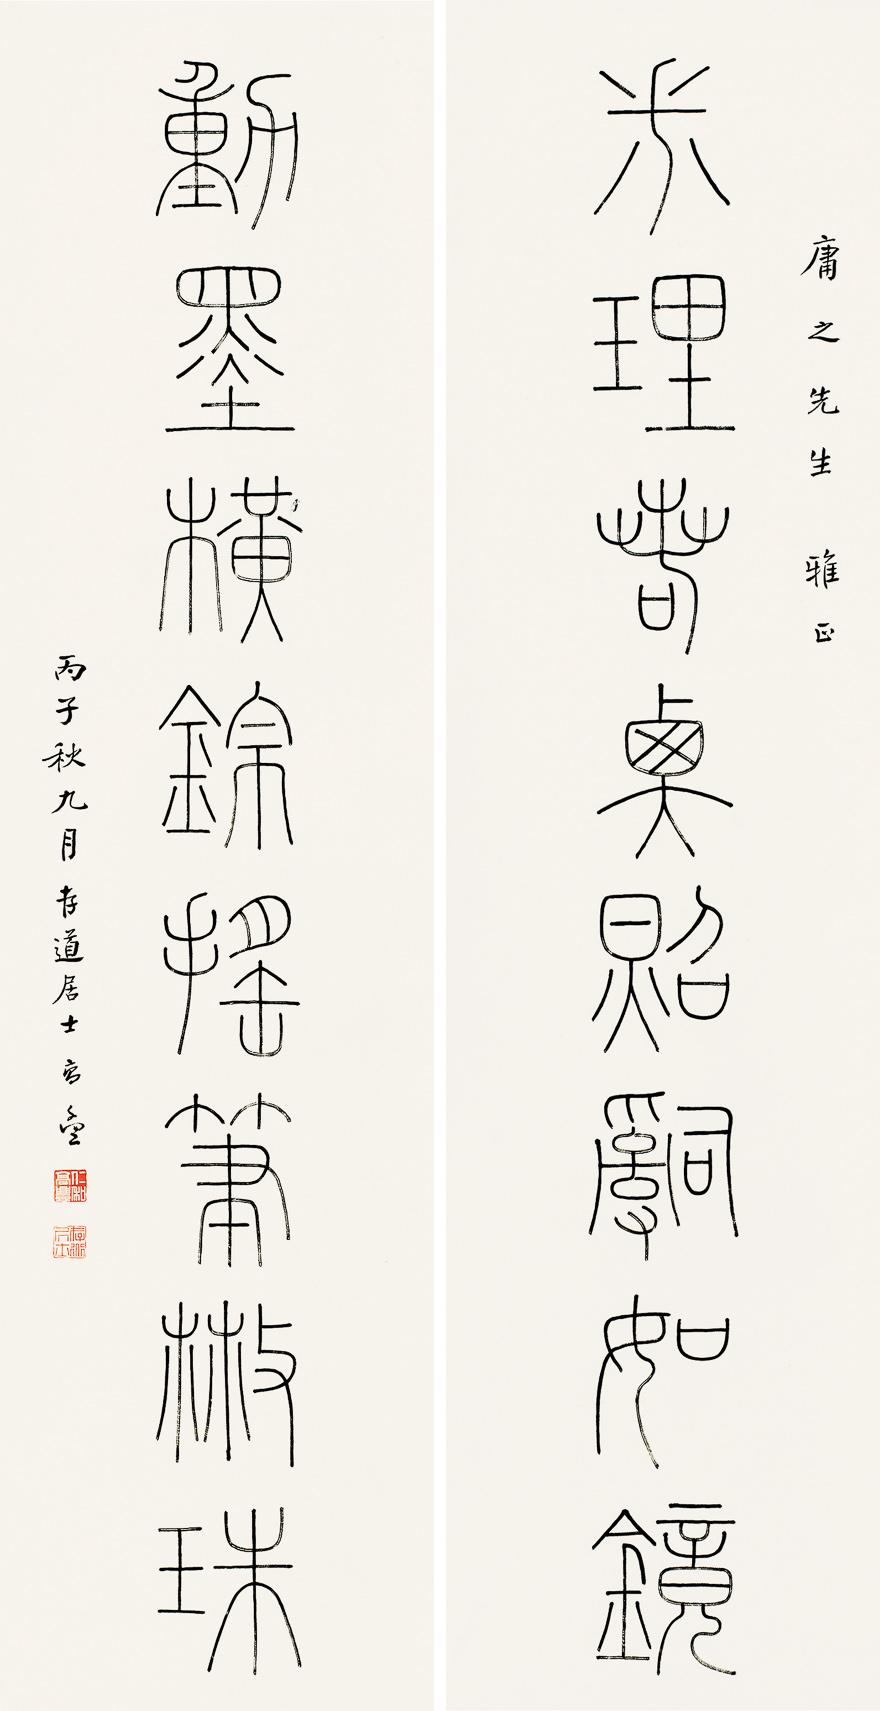 铁线篆篆联